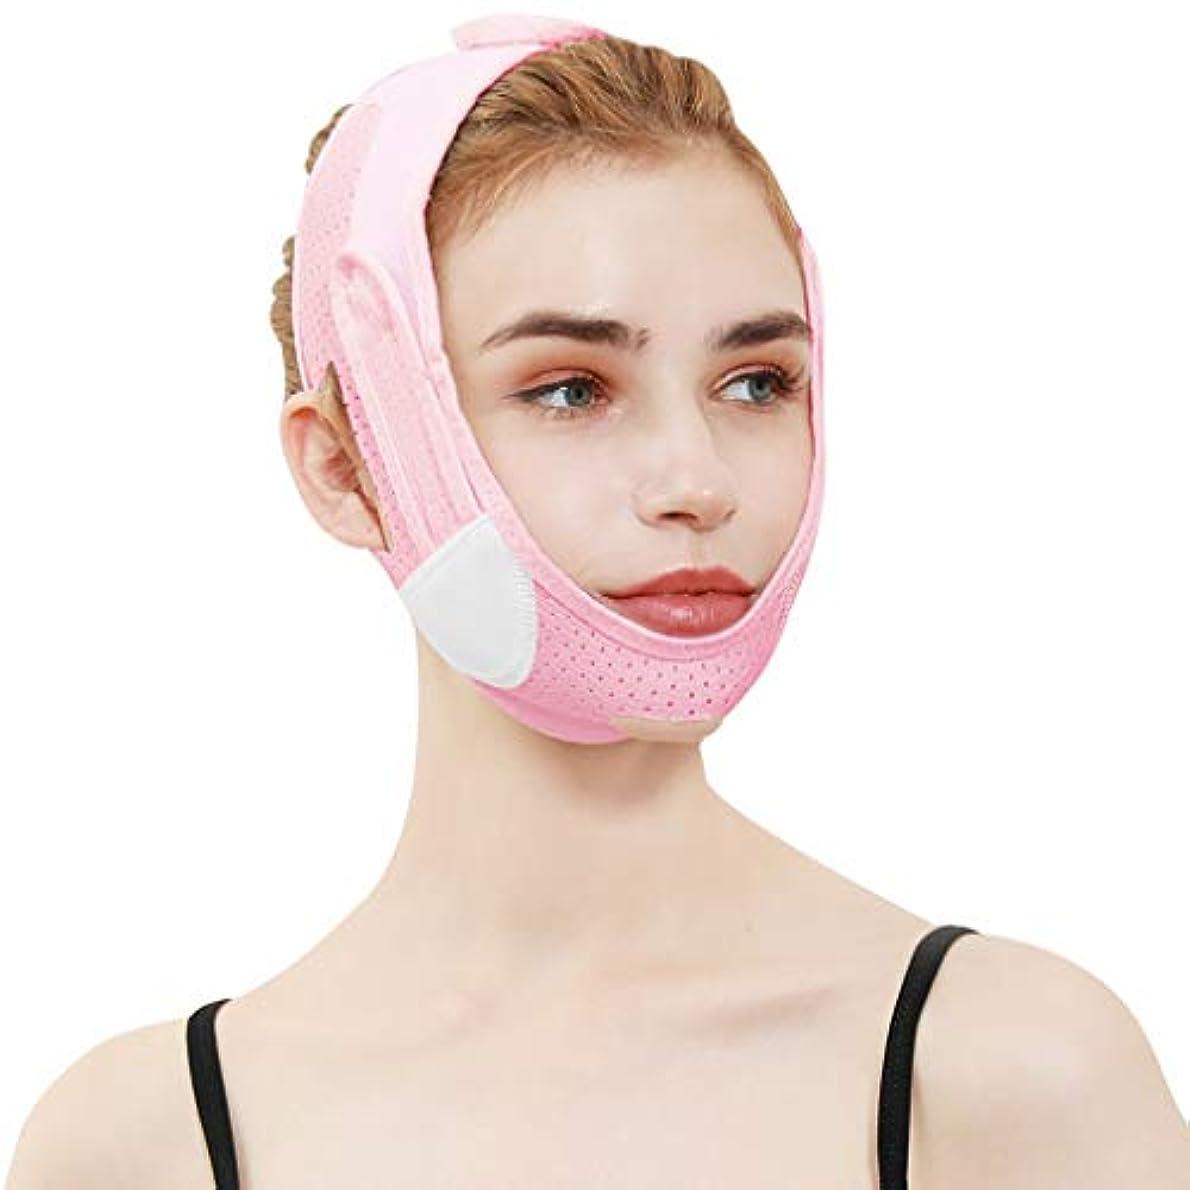 黙認する漏斗火山Jia He 軽量 薄い顔ベルト、薄い顔薄い二重あごVフェイスアーティファクト通気性睡眠包帯はアンチリンクル超薄型ビームフェイスベルトを持ち上げます ## (Color : Pink)